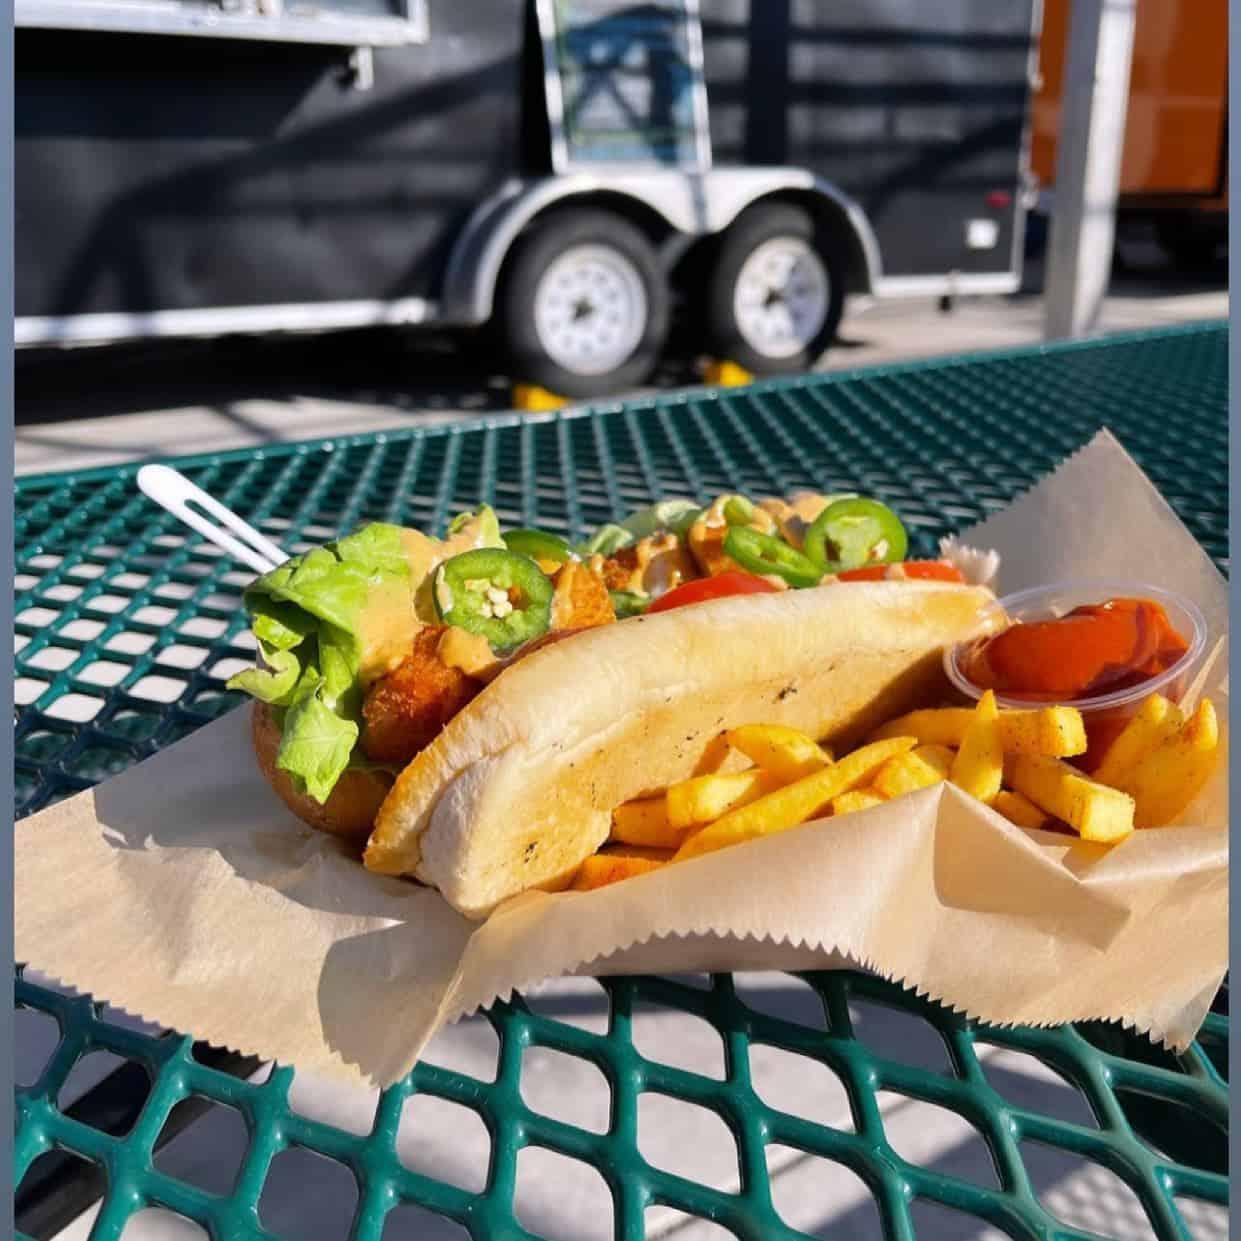 Reel Deal food truck